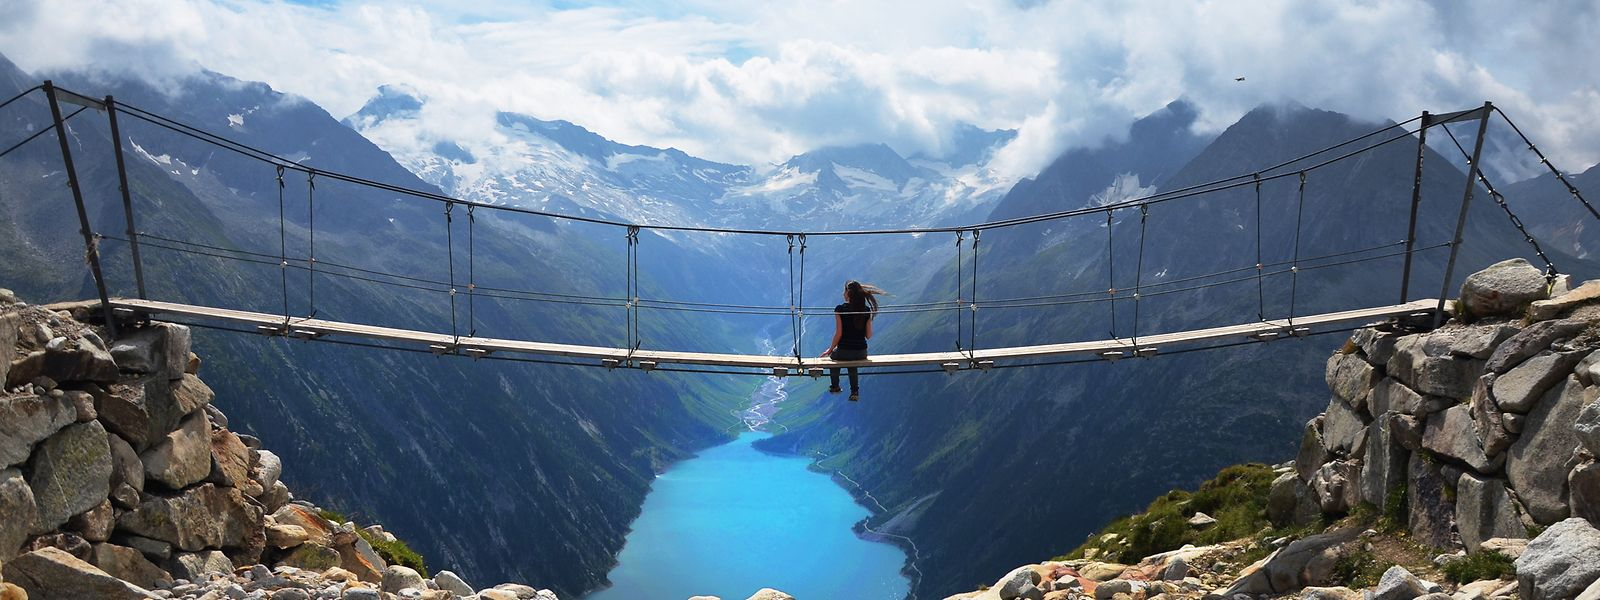 Diese Hängebrücke in den Zillertaler Alpen mutierte durch Social Media zum absoluten Besuchermagneten – auch unter Nicht-Alpinisten. Wer ein Foto machen will, muss Schlange stehen.